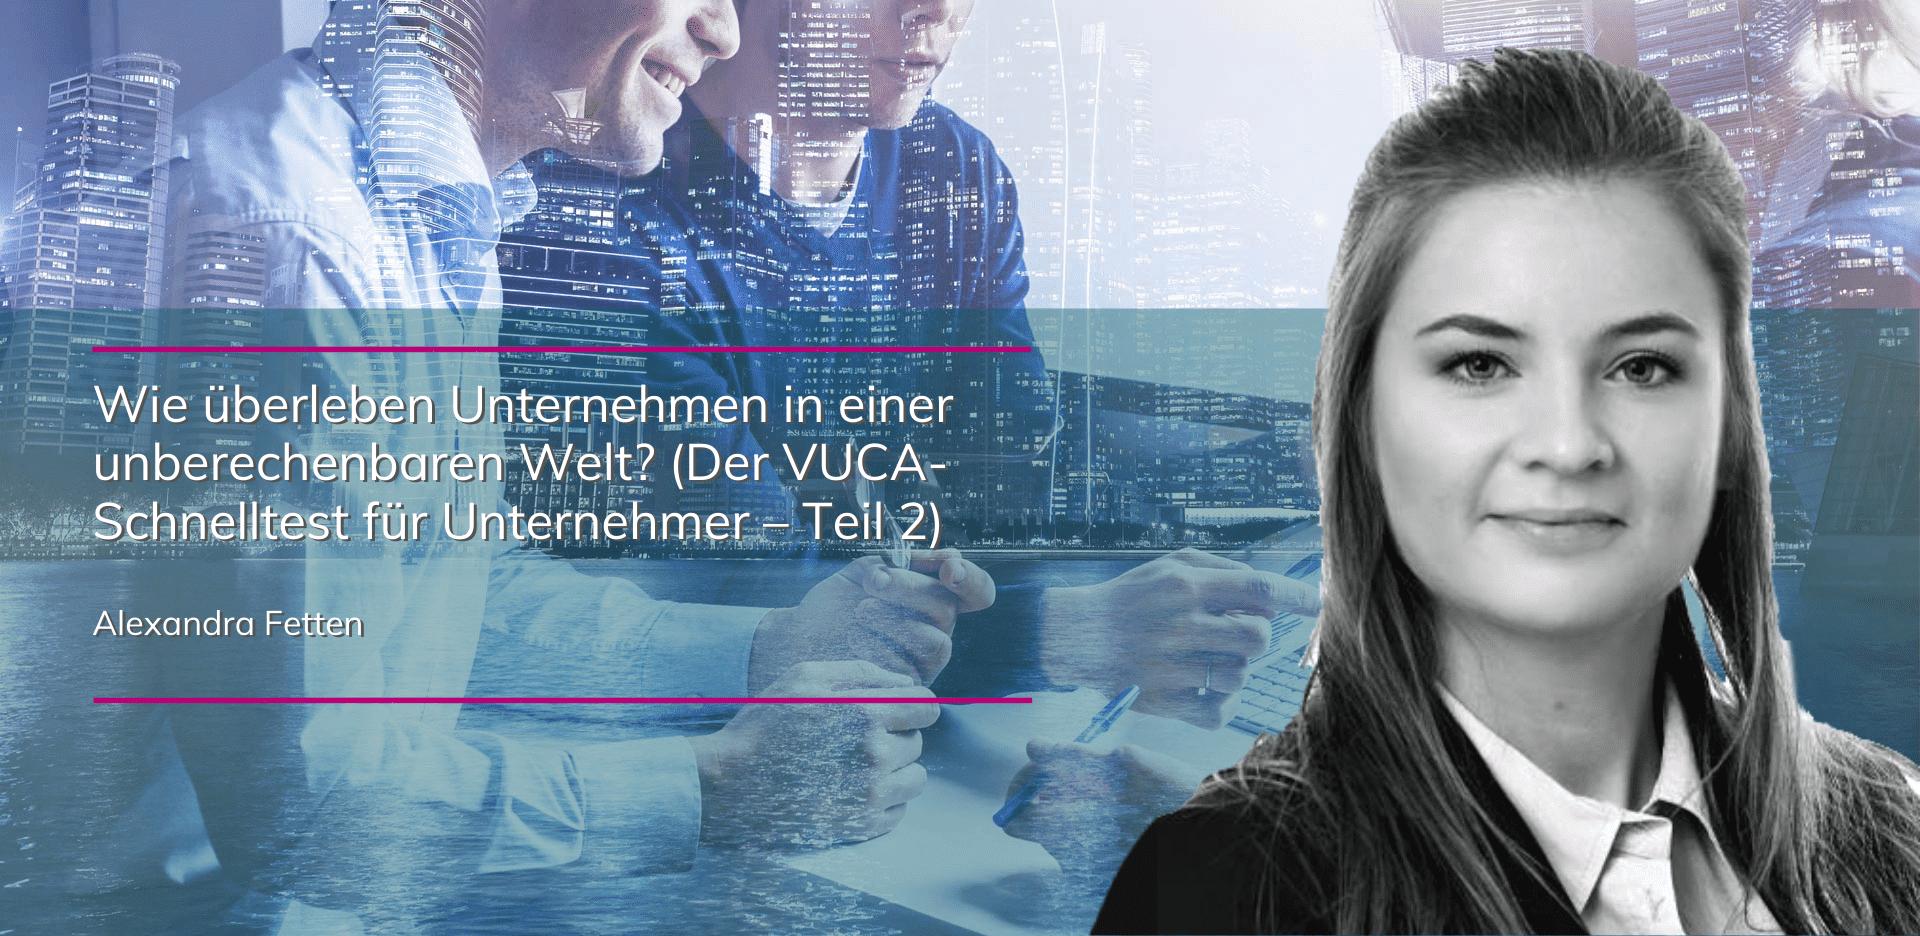 Alexandra Fetten - Der VUCA-Schnelltest für Unternehmer | Teil 2